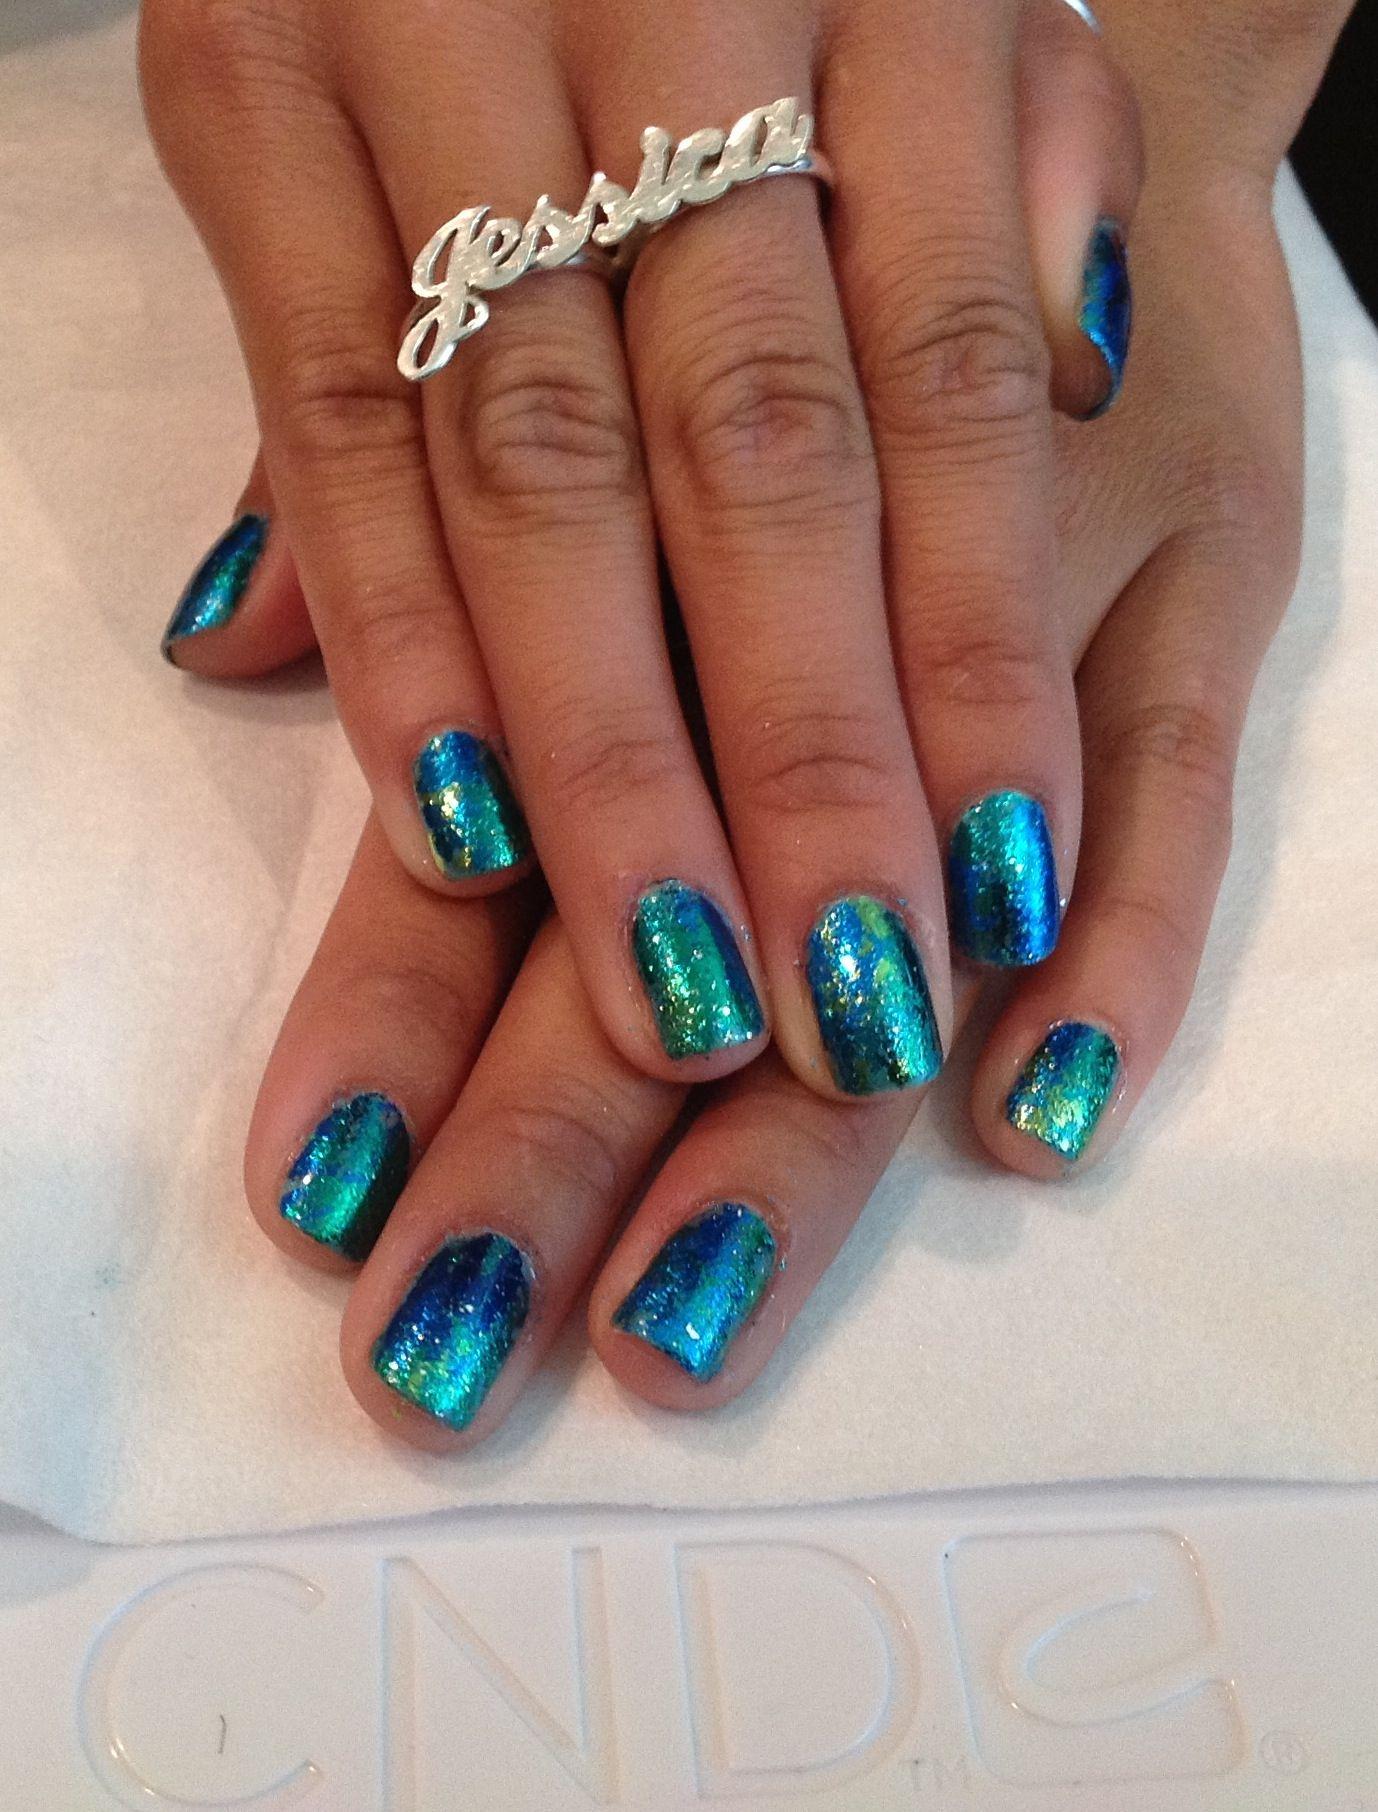 Shellac - Hotski to Tchotchke Foil for nail art | Shellac nail art ...